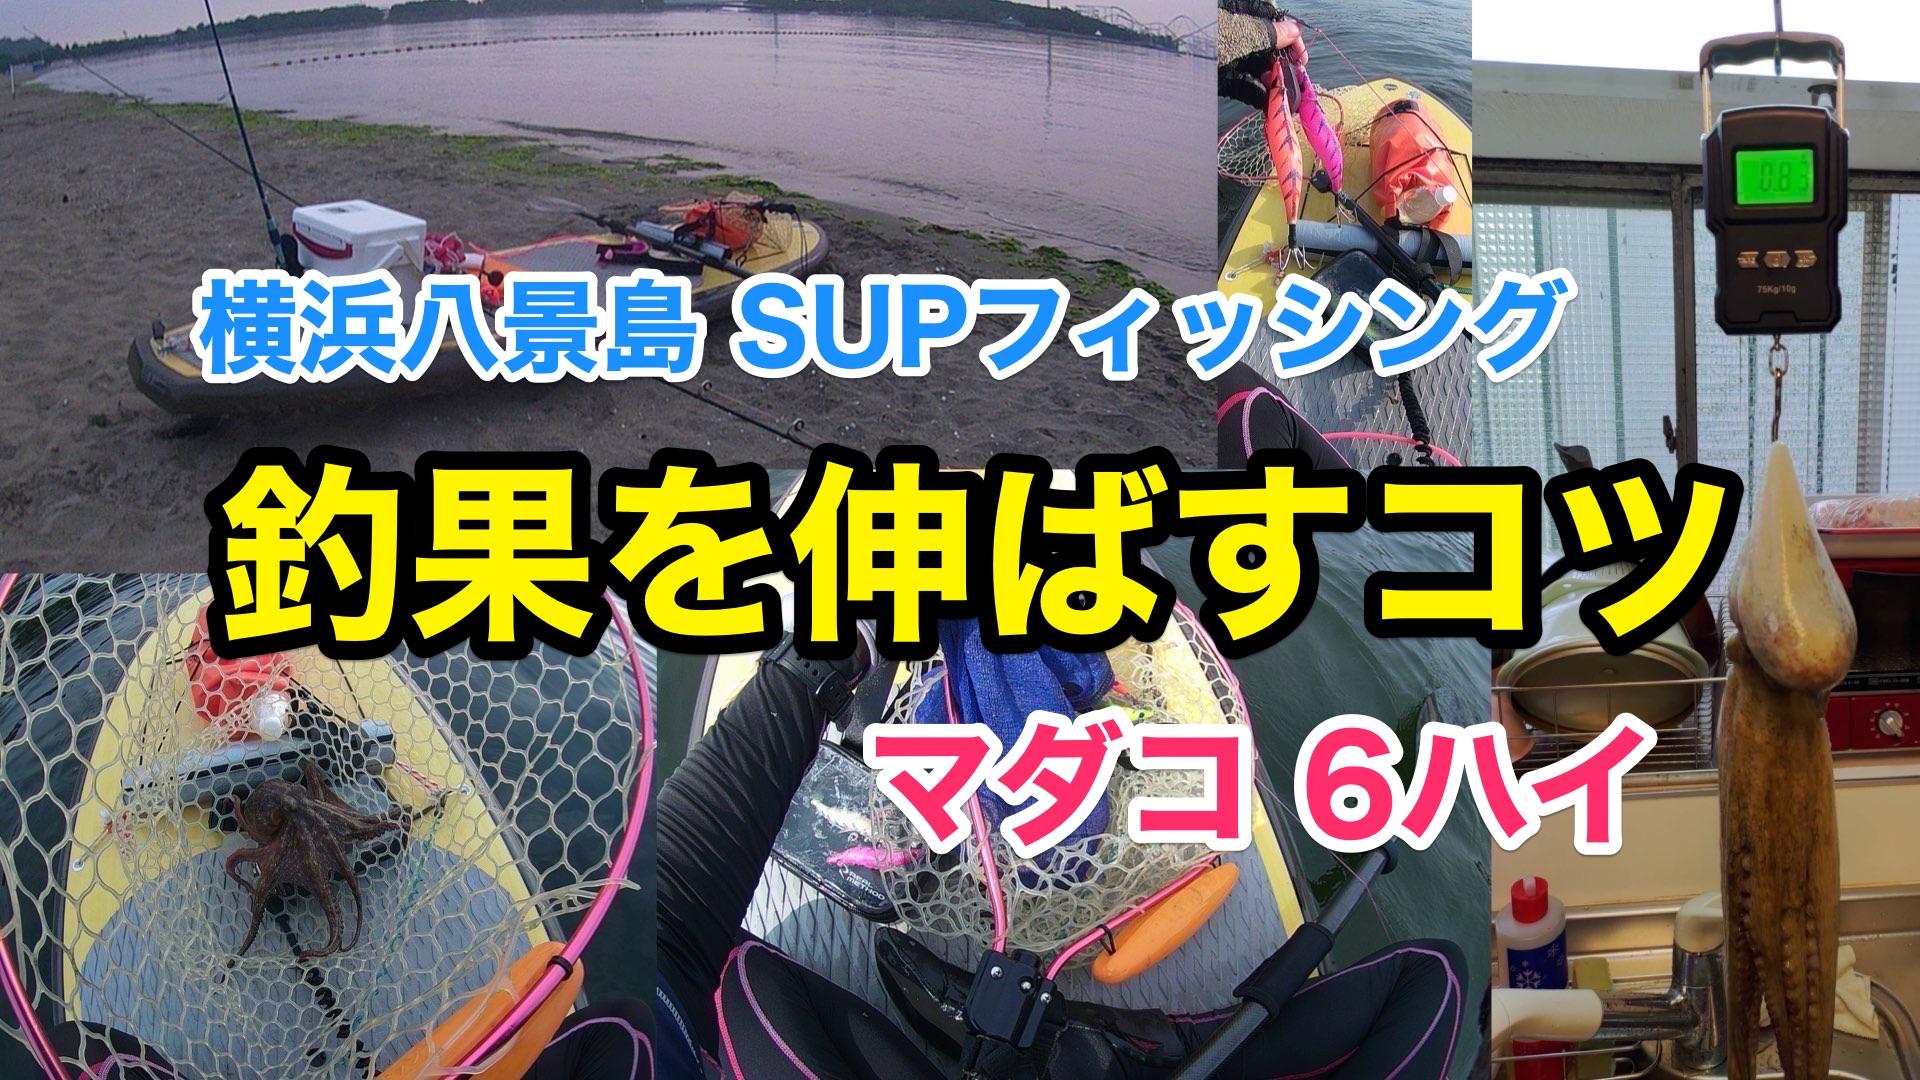 【タコ6ハイ】SUPフィッシング@横浜八景島20210824